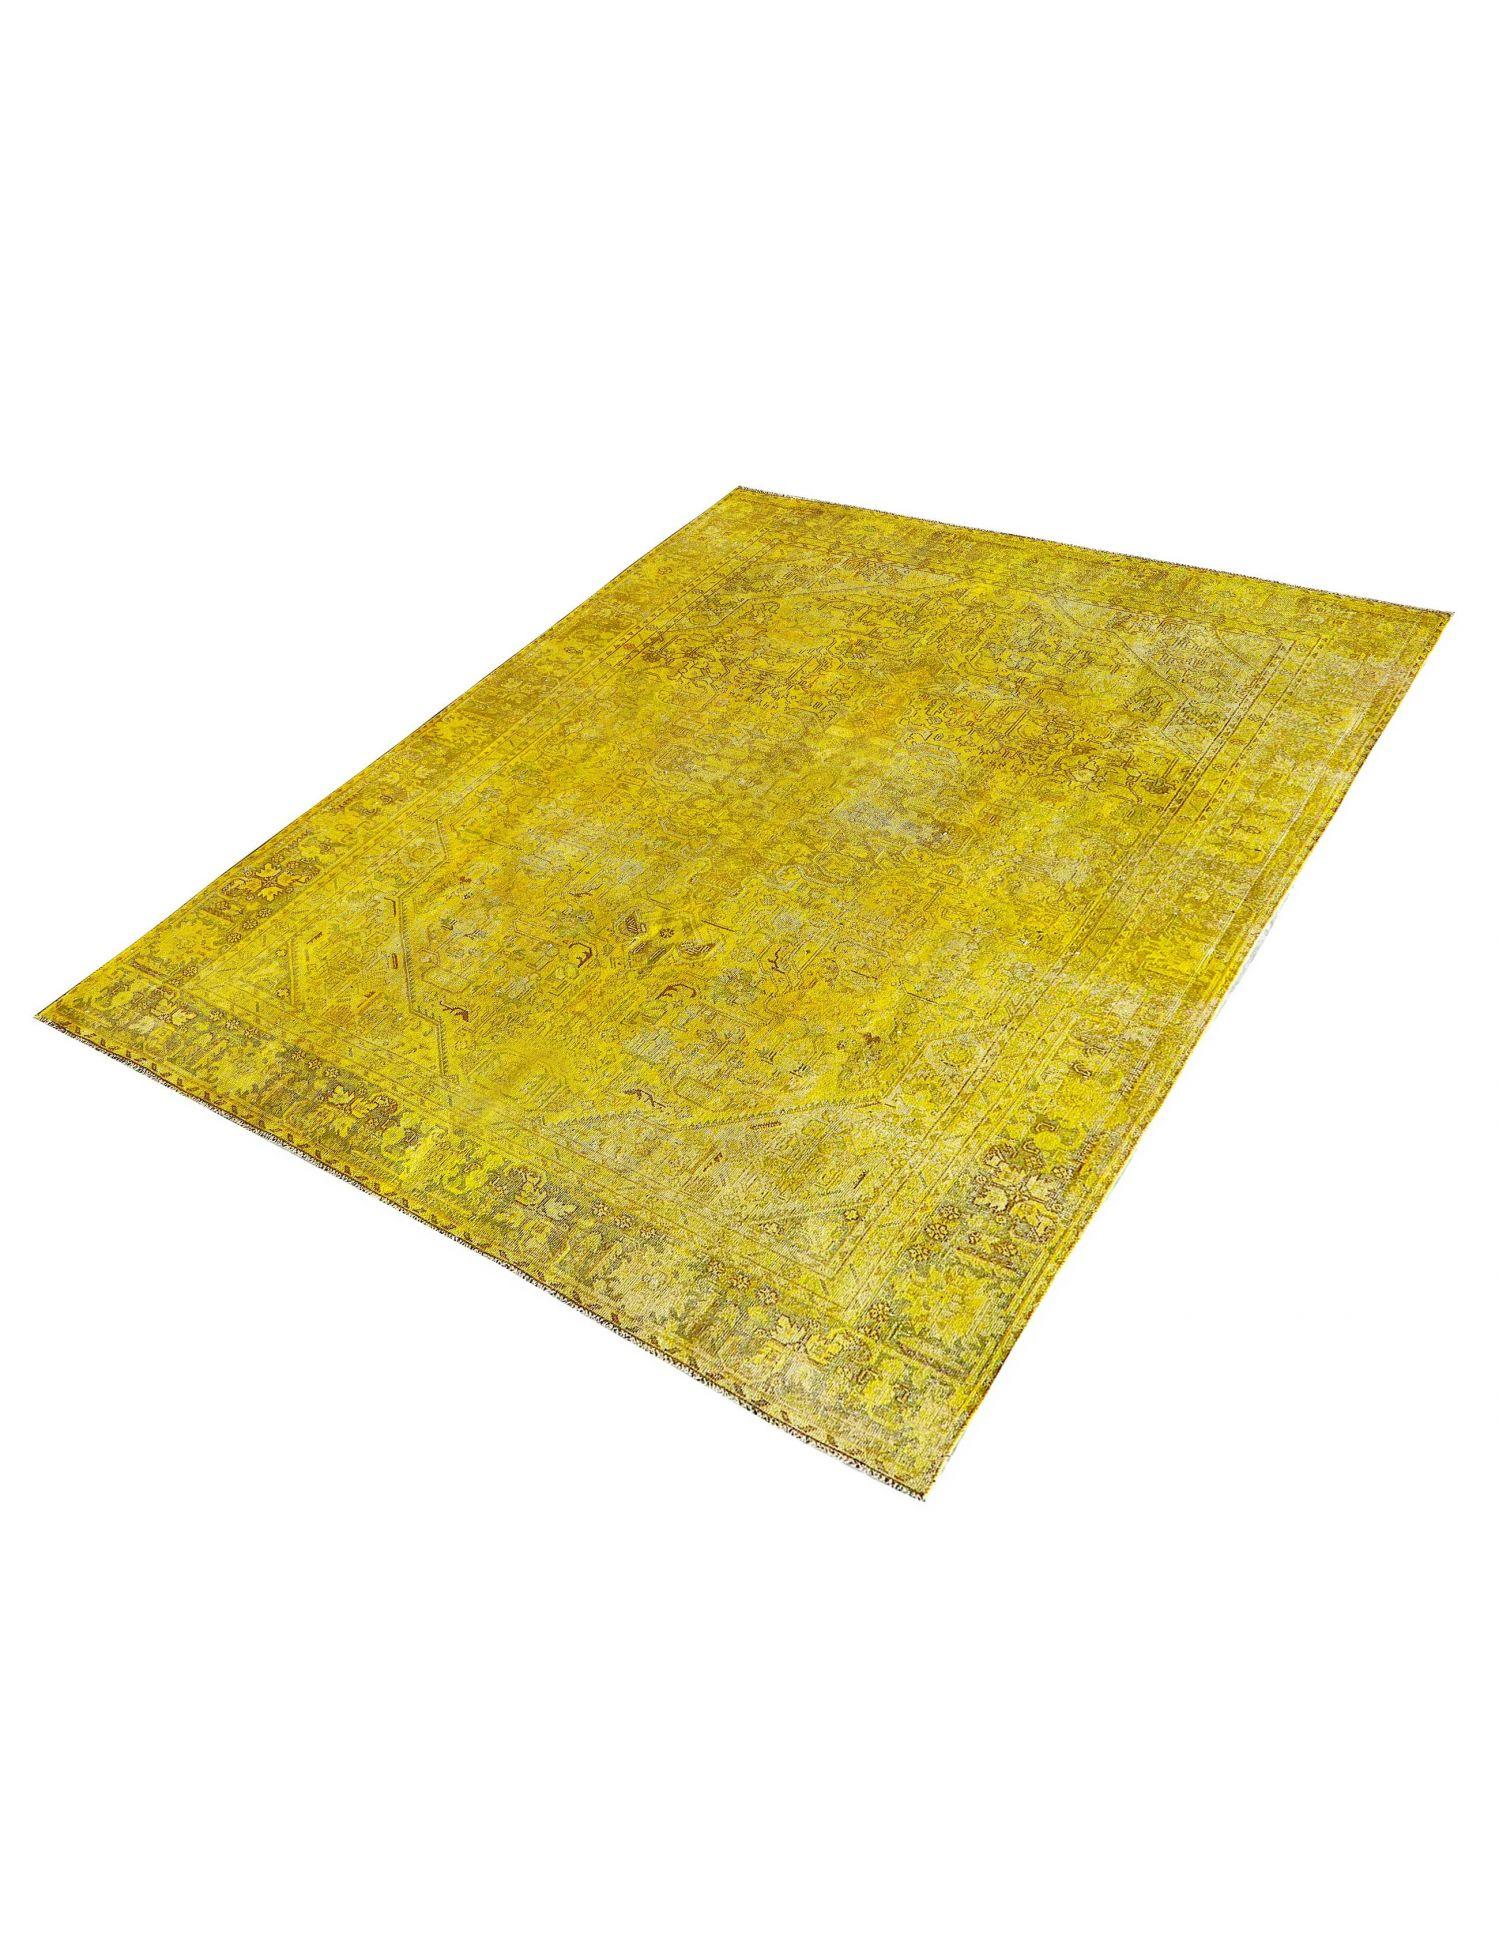 Vintage Teppich  gelb <br/>360 x 270 cm